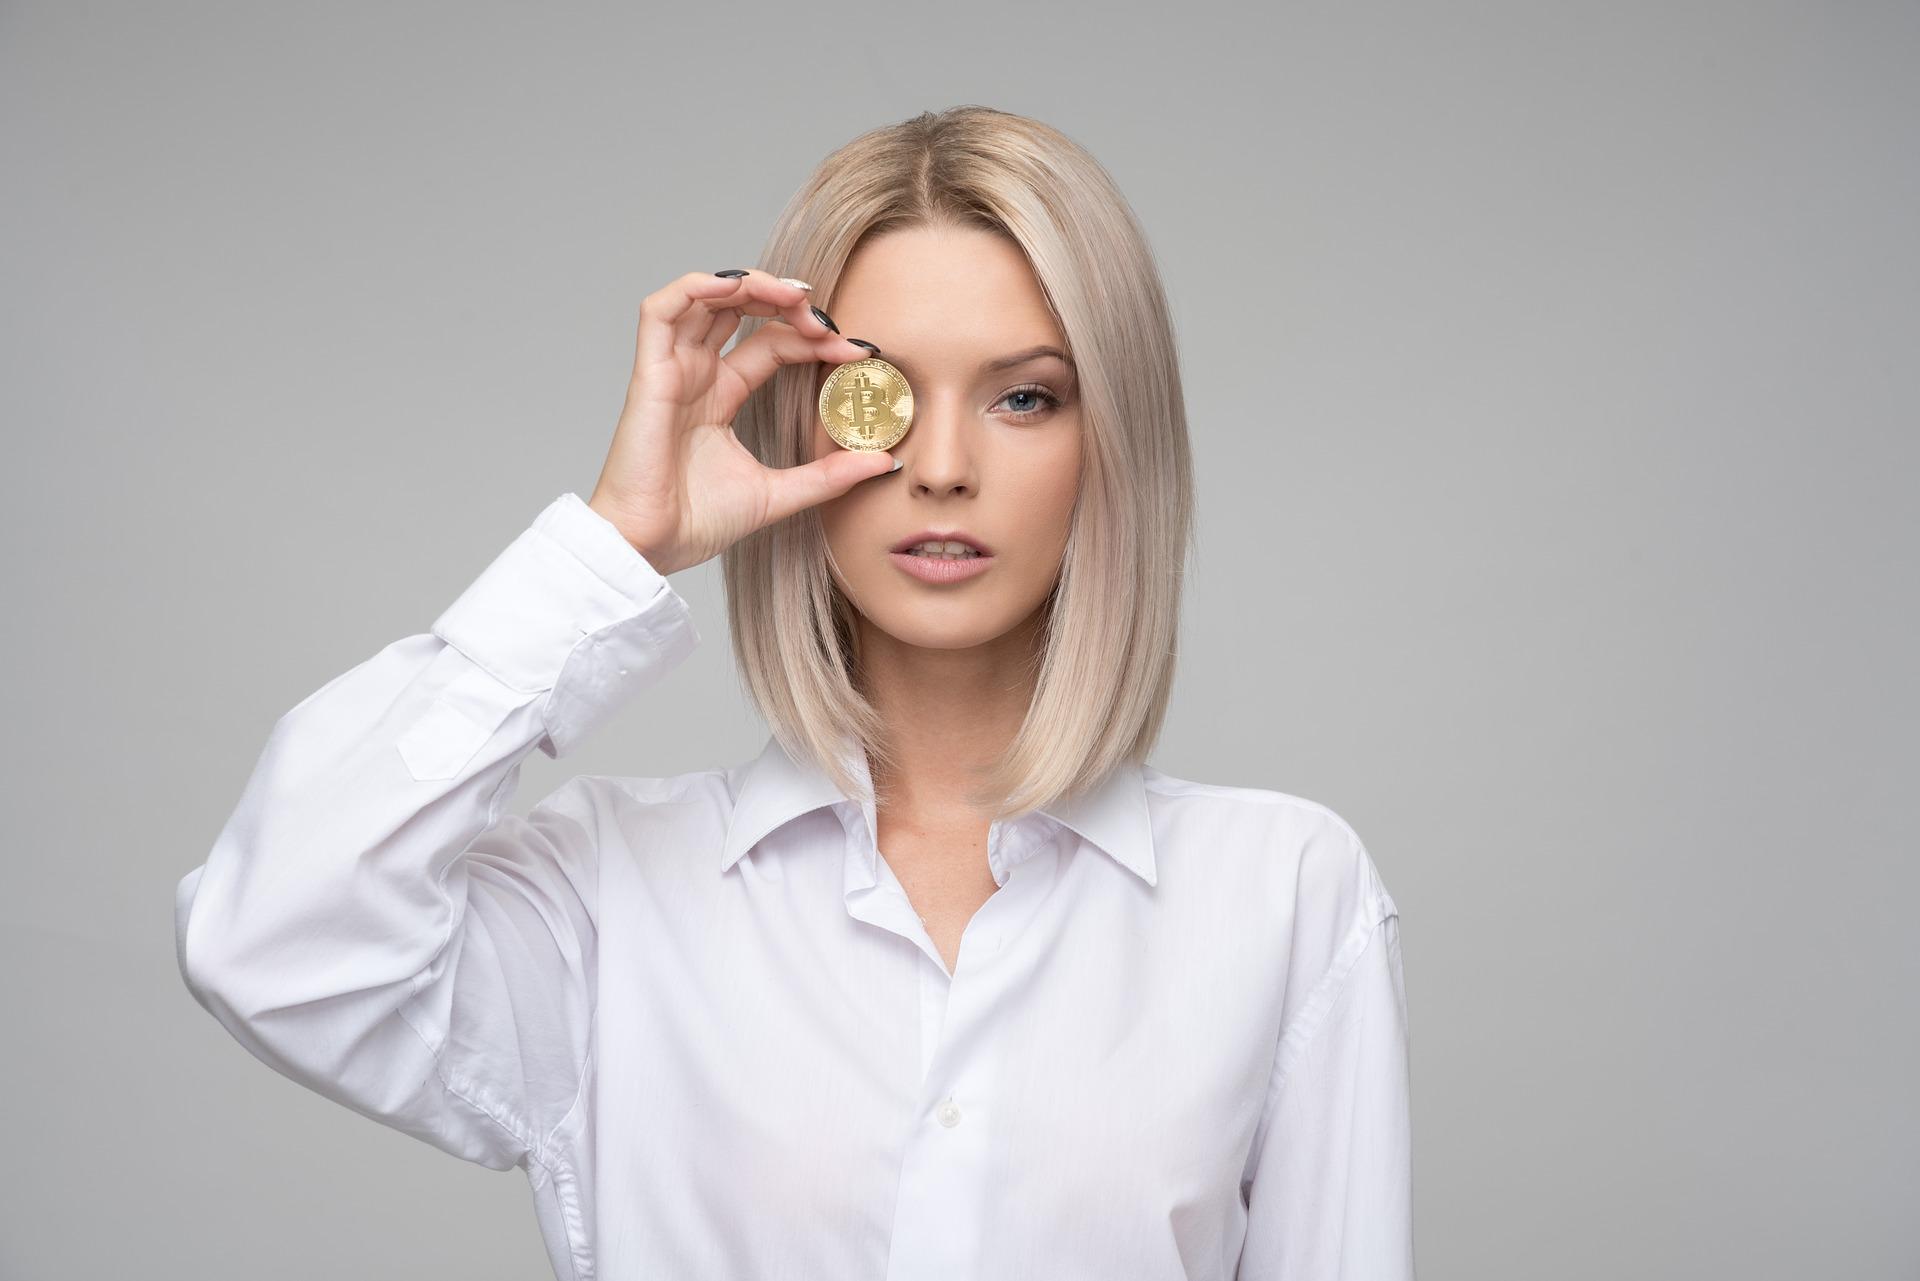 Zakaj so kriptovalute pomembne in kaj ponujajo?